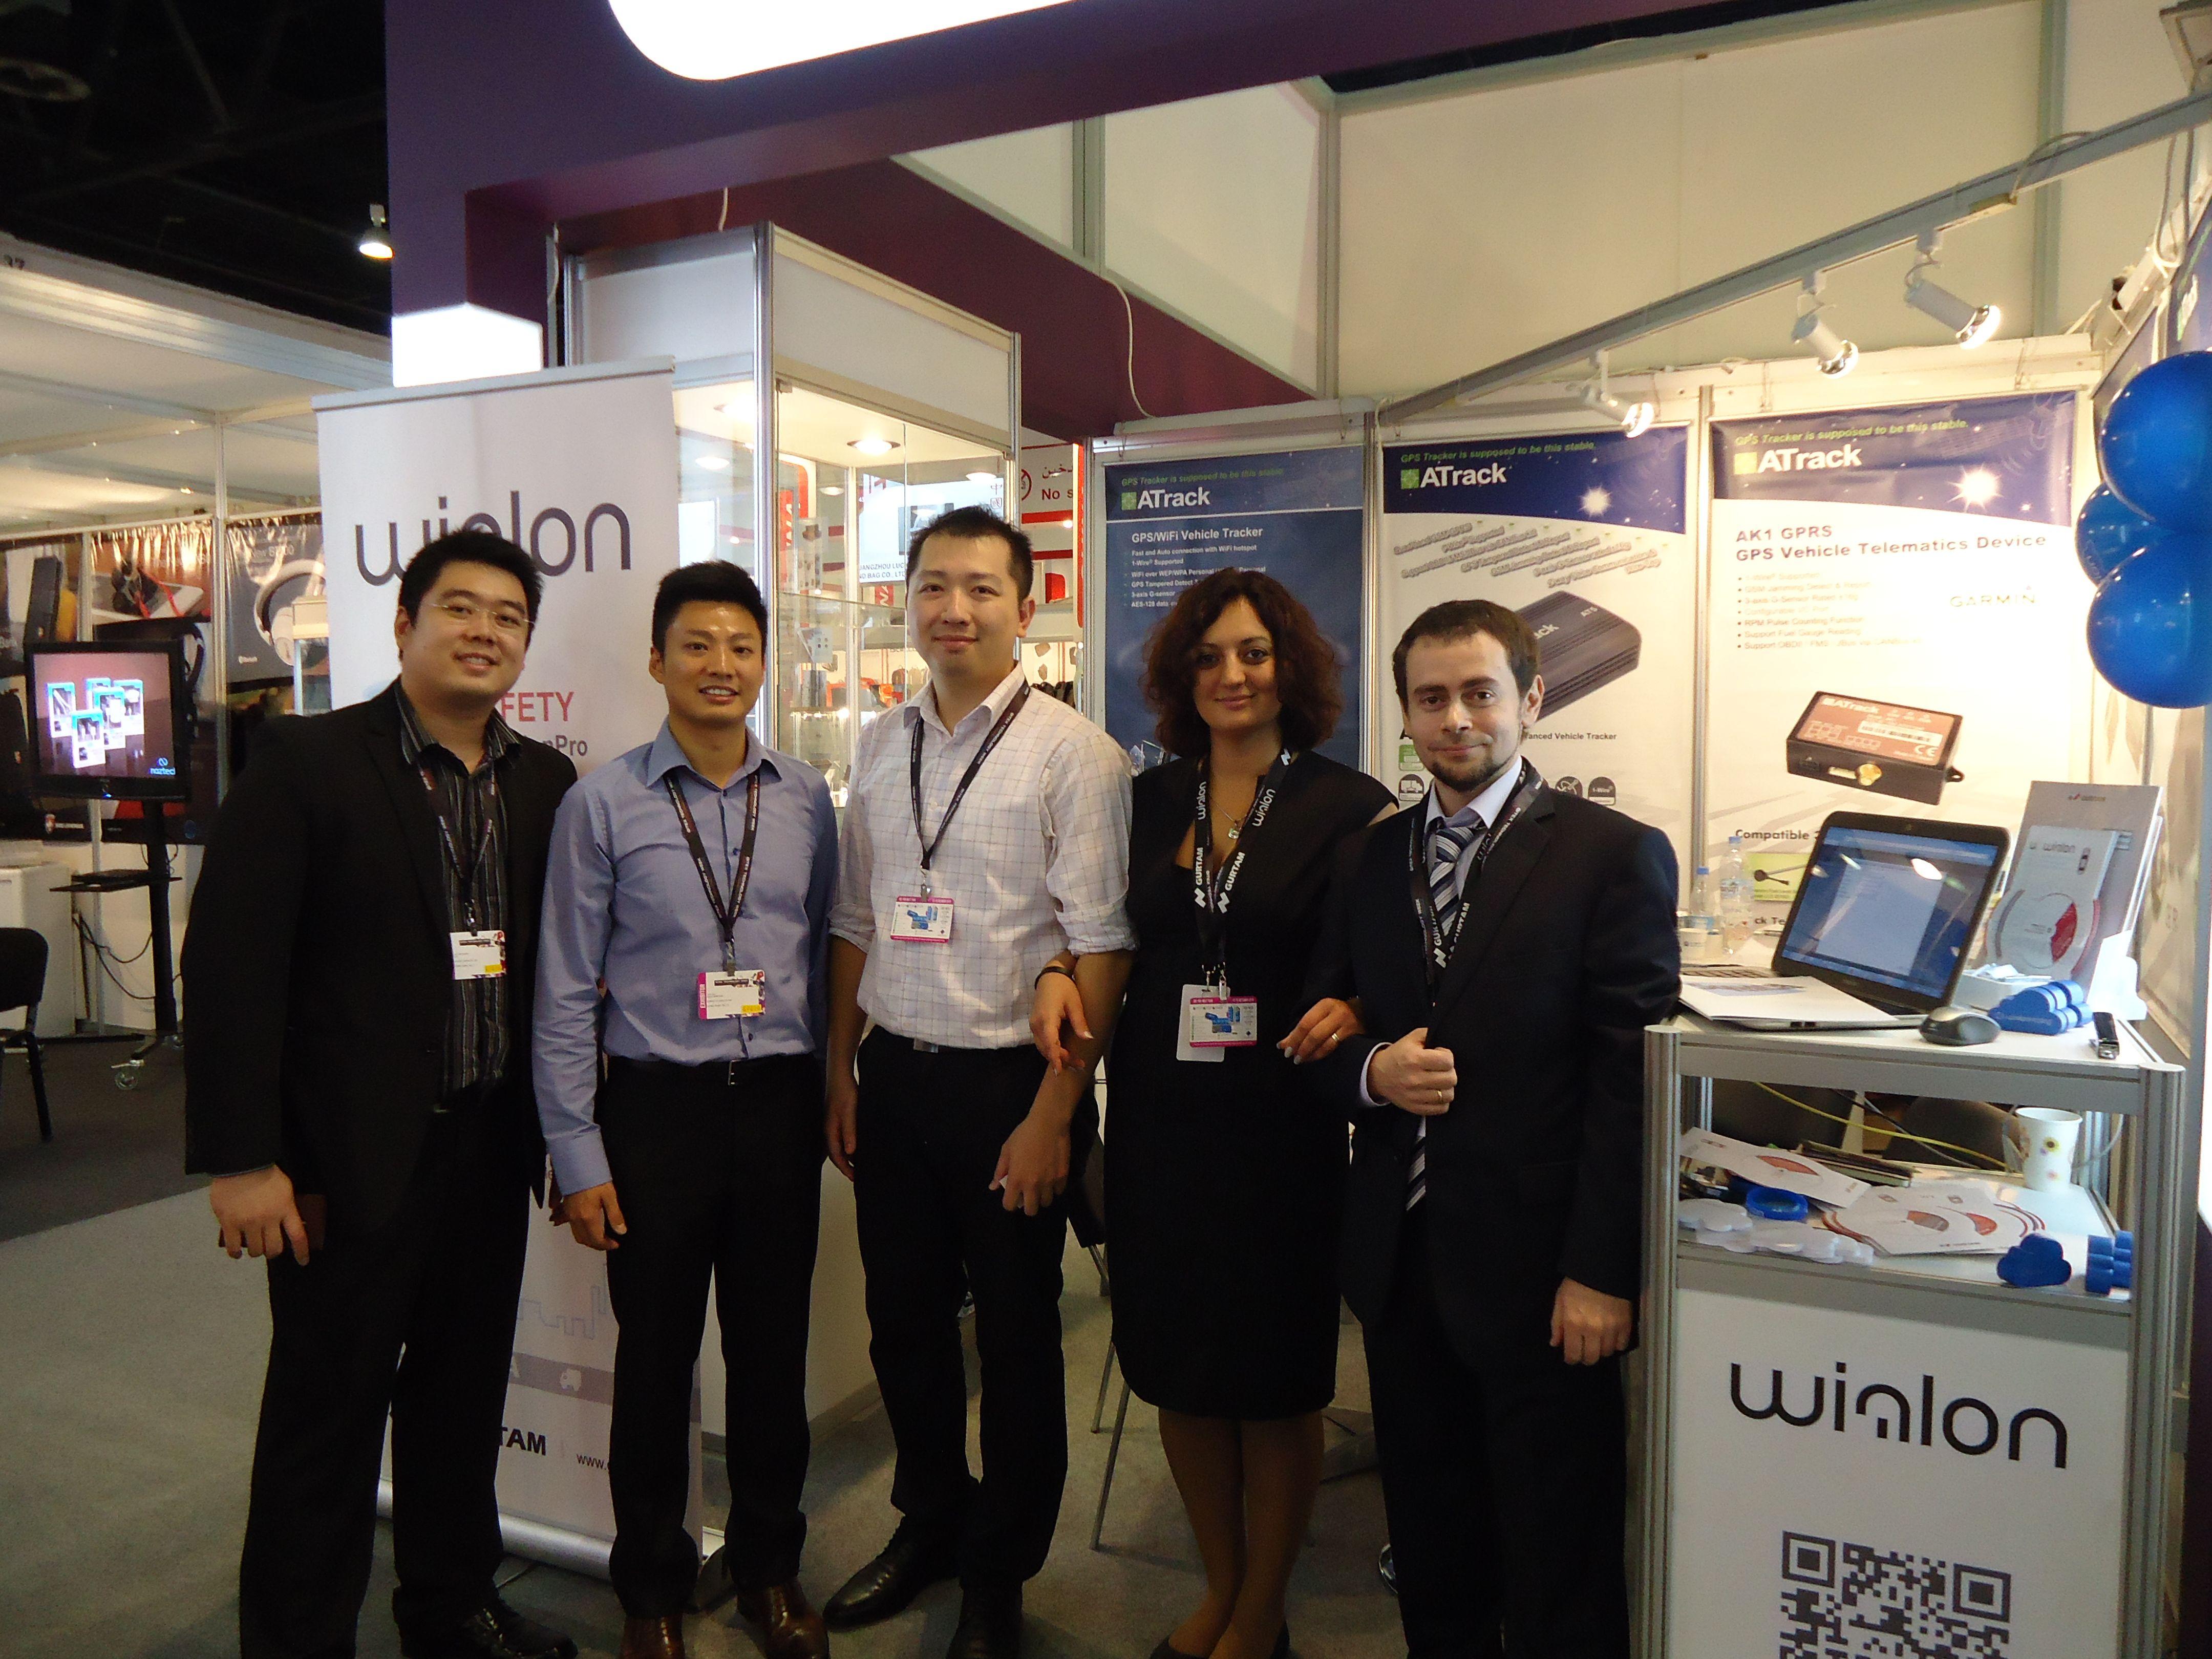 На выставке GITEX Gurtam работал вместе с нашим партнером из Тайваня, компанией ATrack